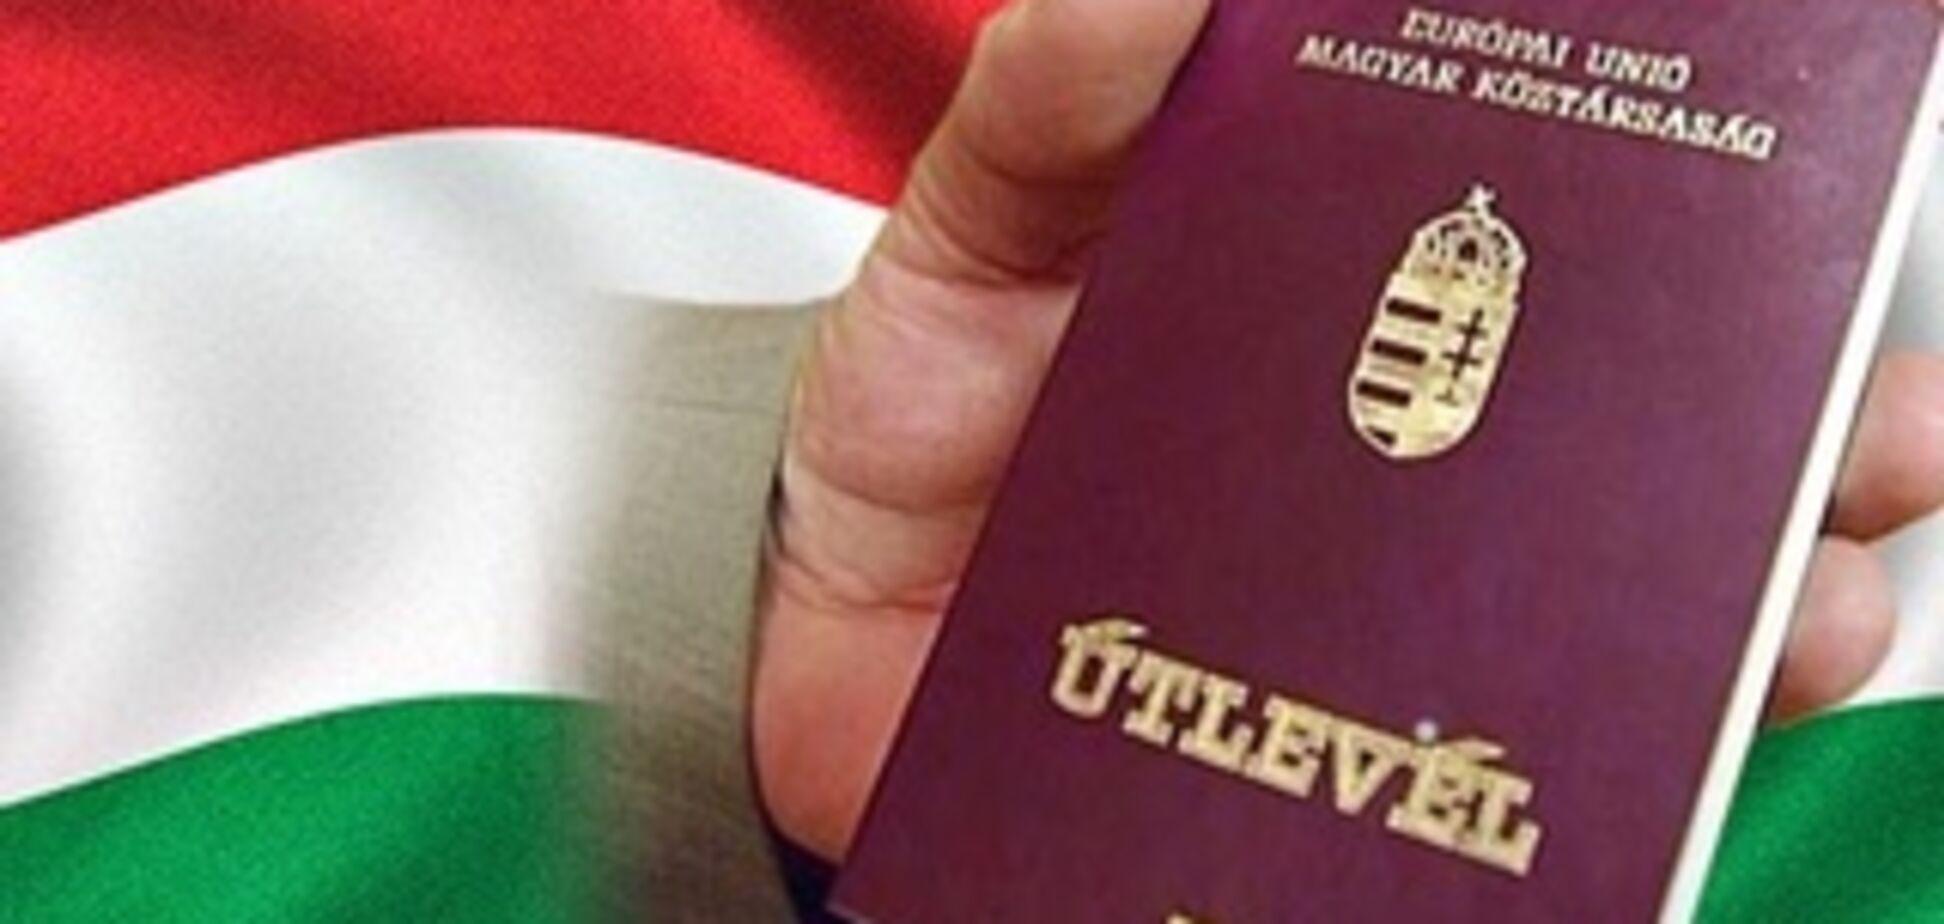 Паспорт Венгрии . Источник: KP.UA